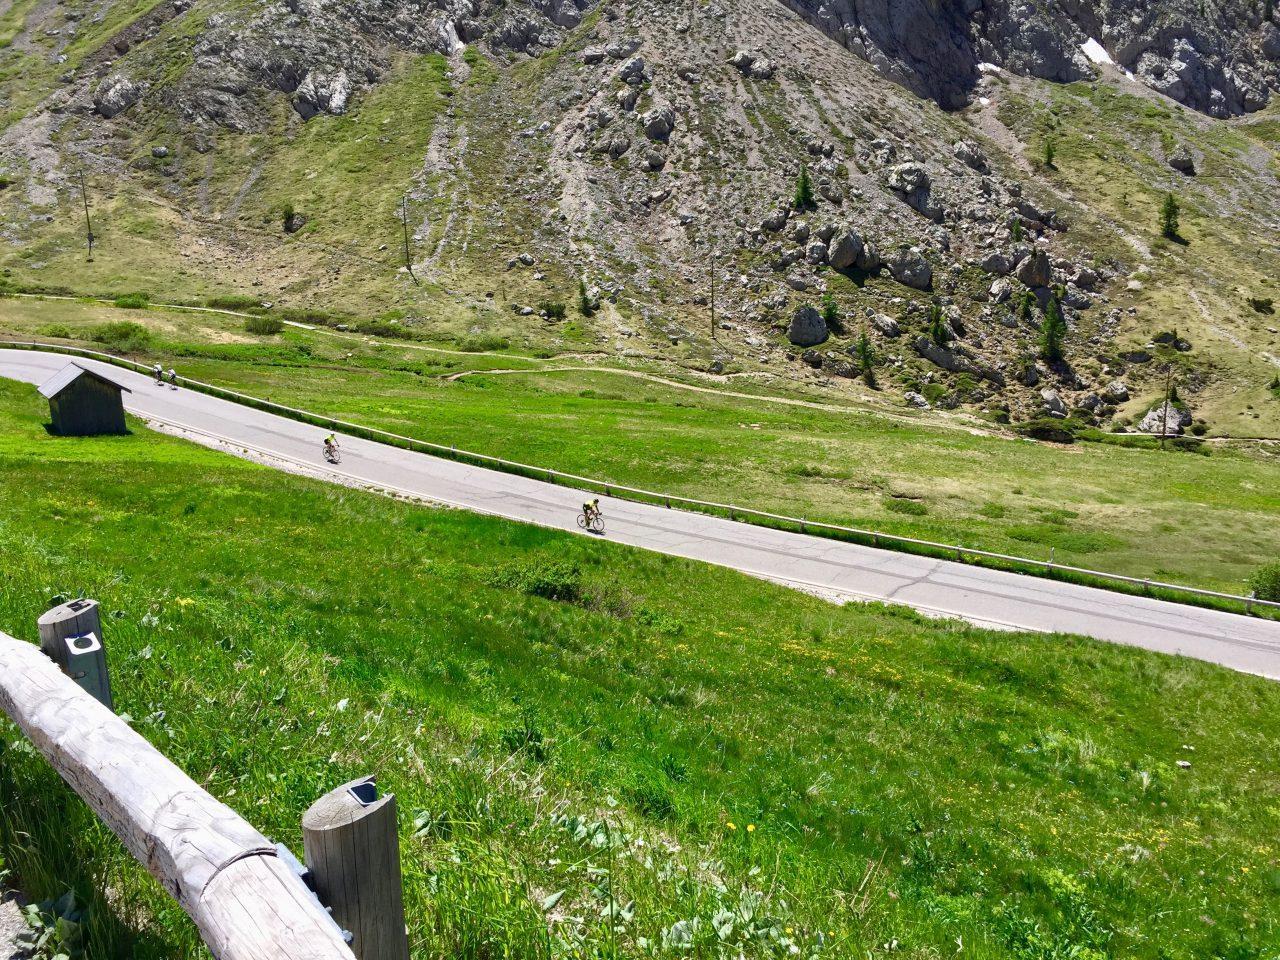 Abfahrt Passo Pordoi, Dolomites, Italy